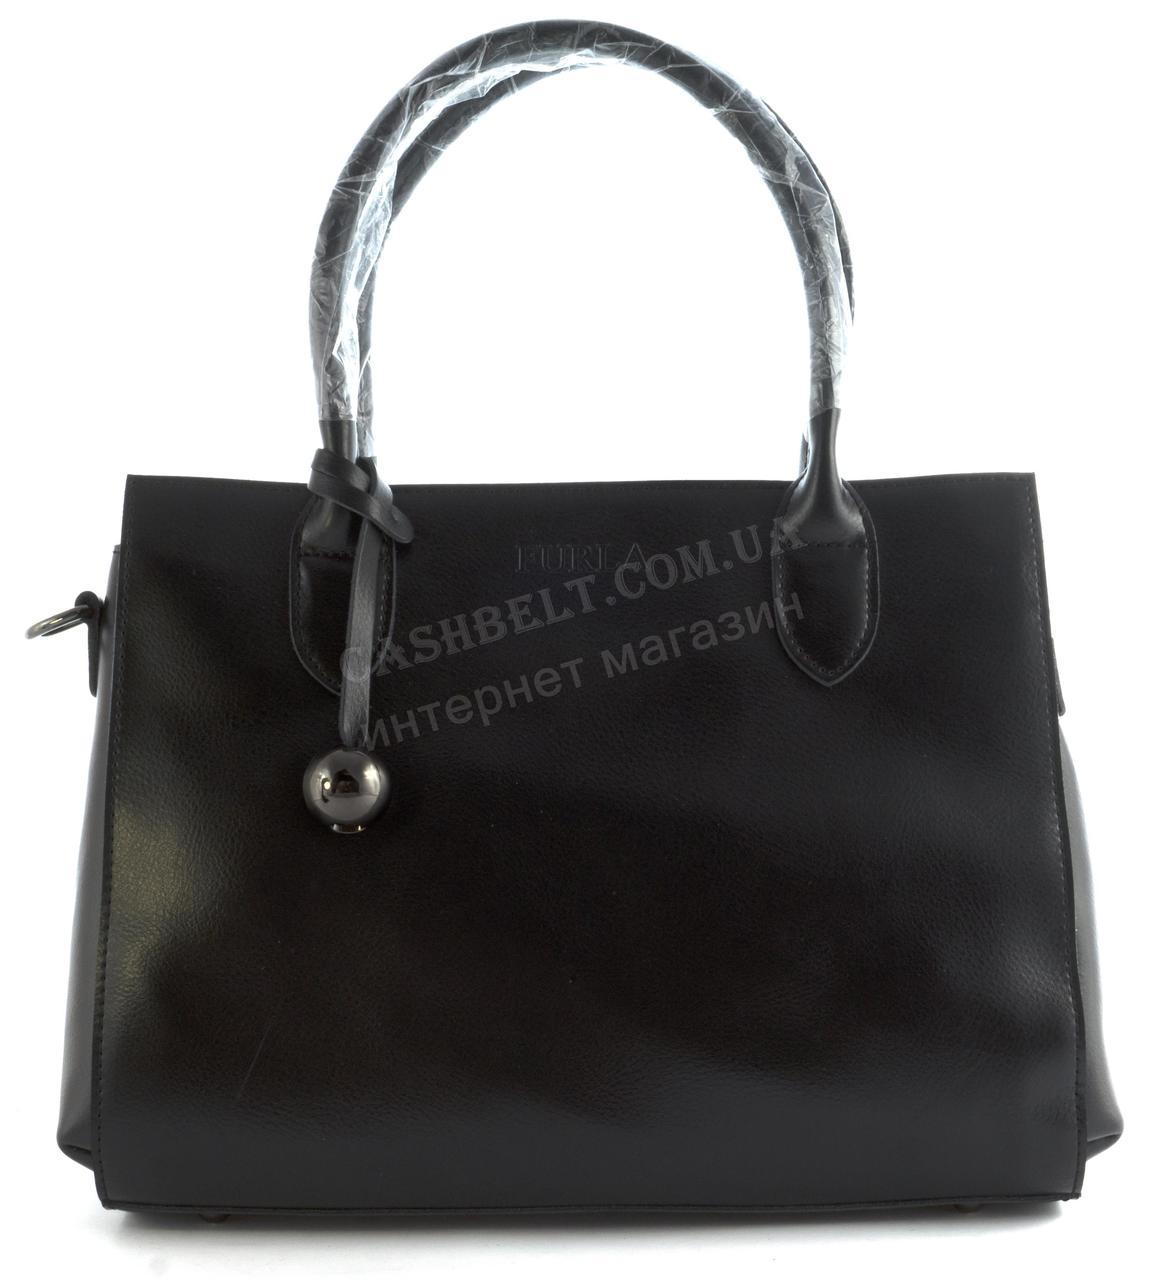 23a66bd60d8a Стильная кожаная прочная женская небольшая сумка CELINE art.1107 черная  Турция